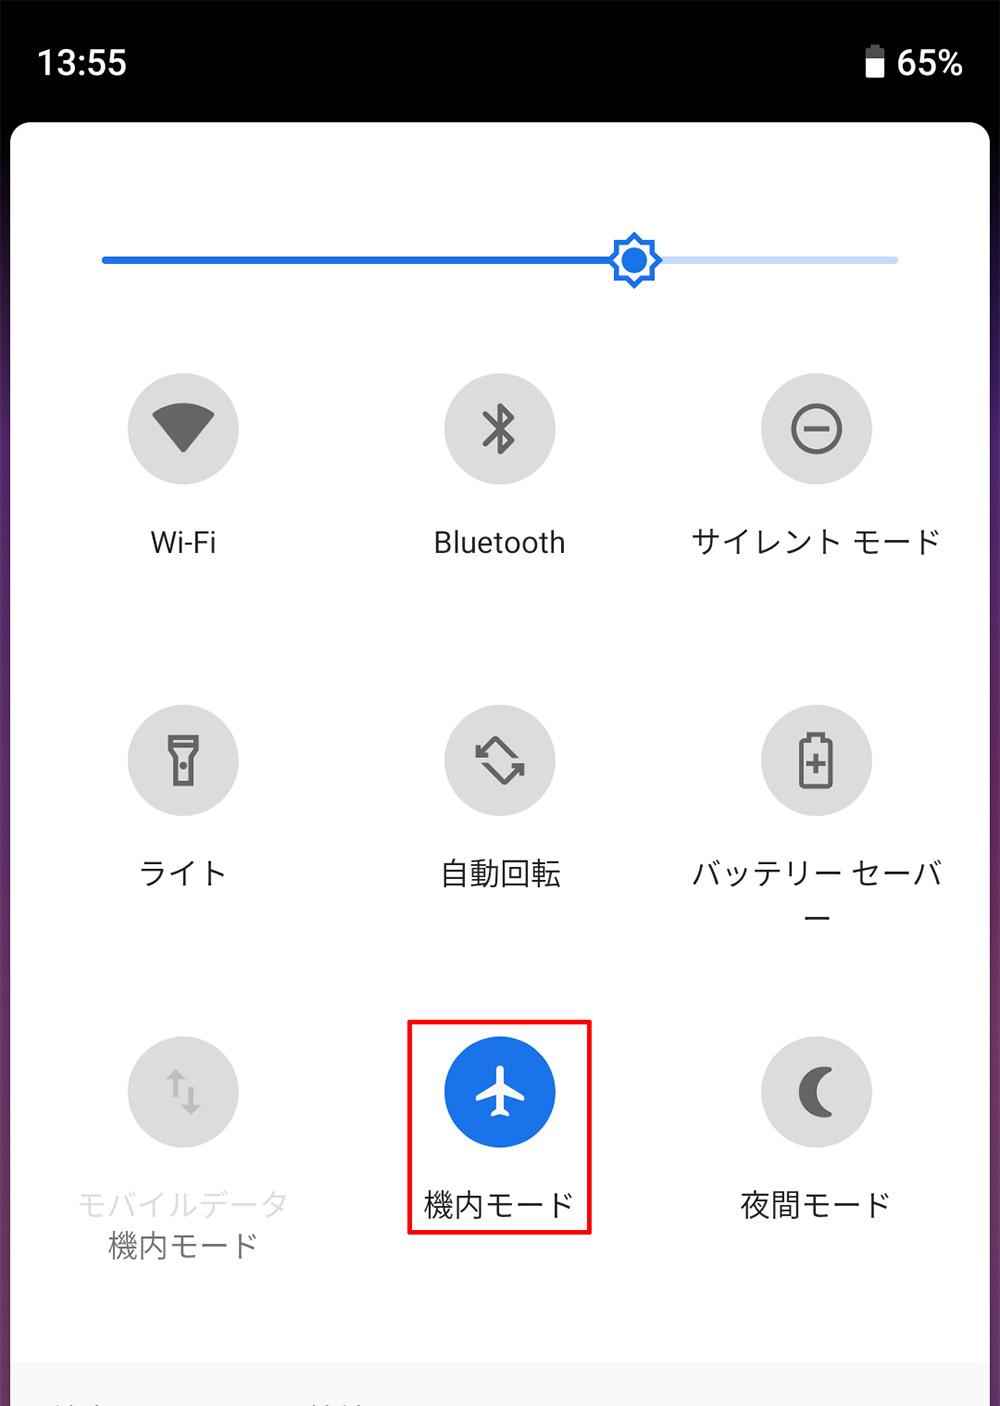 Fi パソコン ない は 繋がる 繋がら wi スマホ